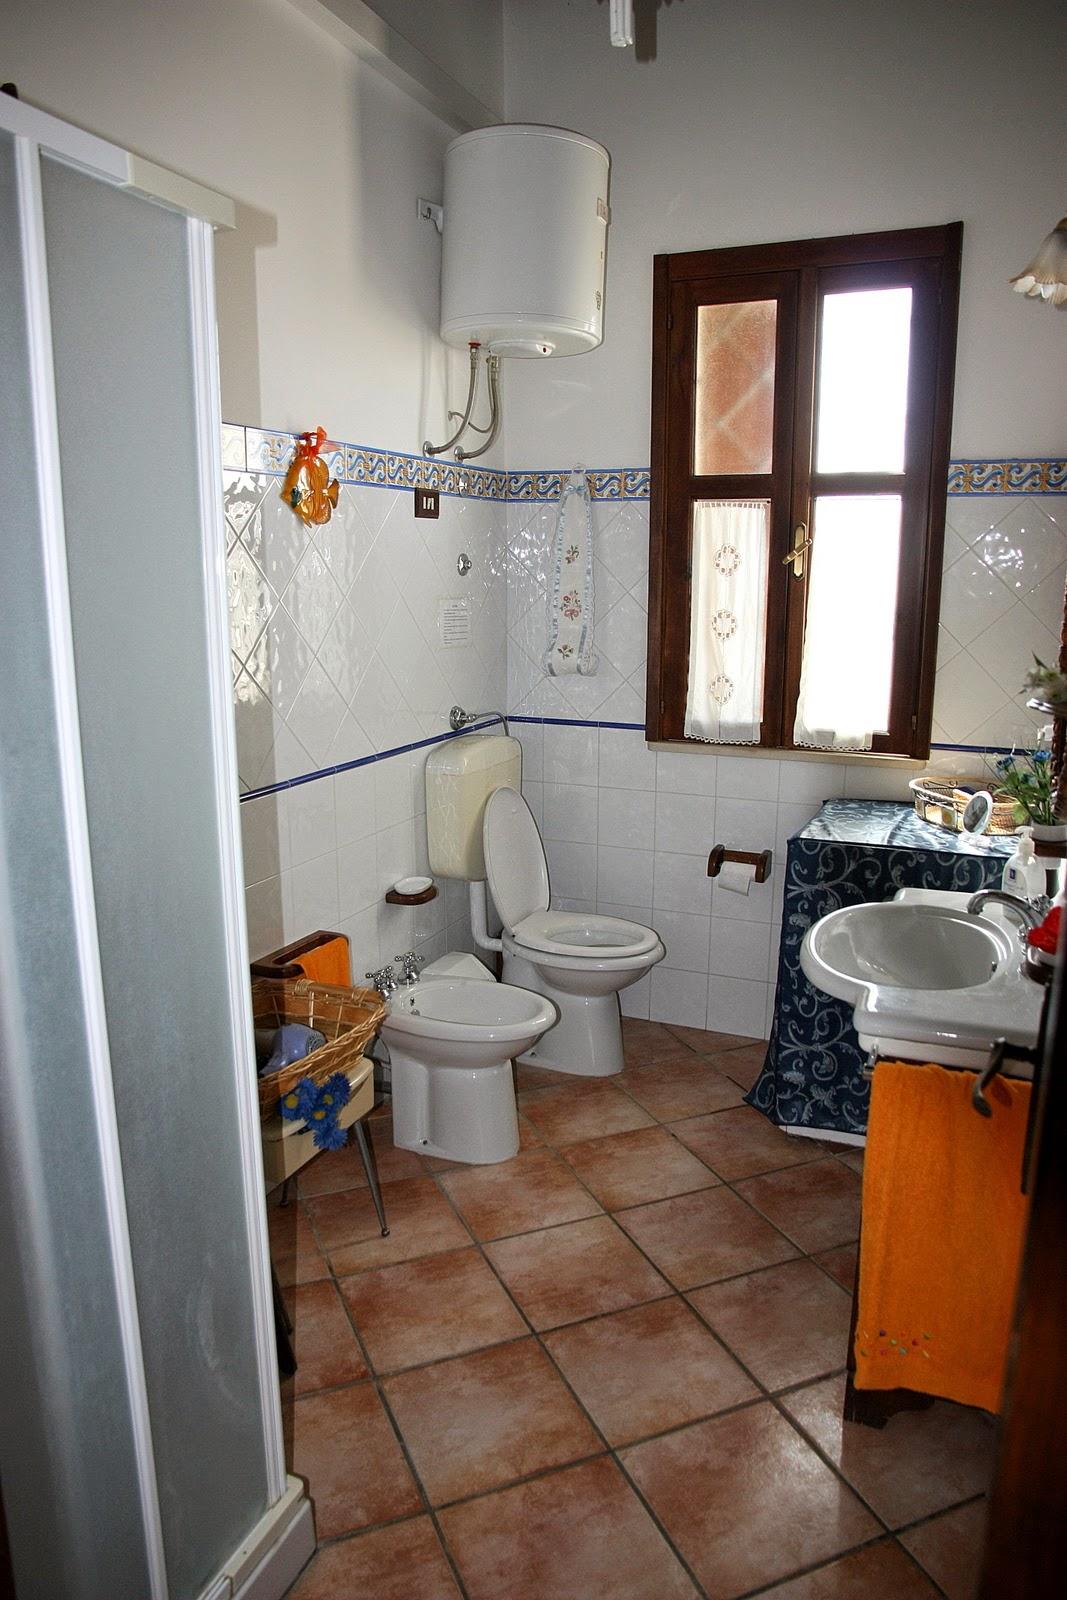 ванная комната апартамента 1 с душевой кабиной и стиральной машиной